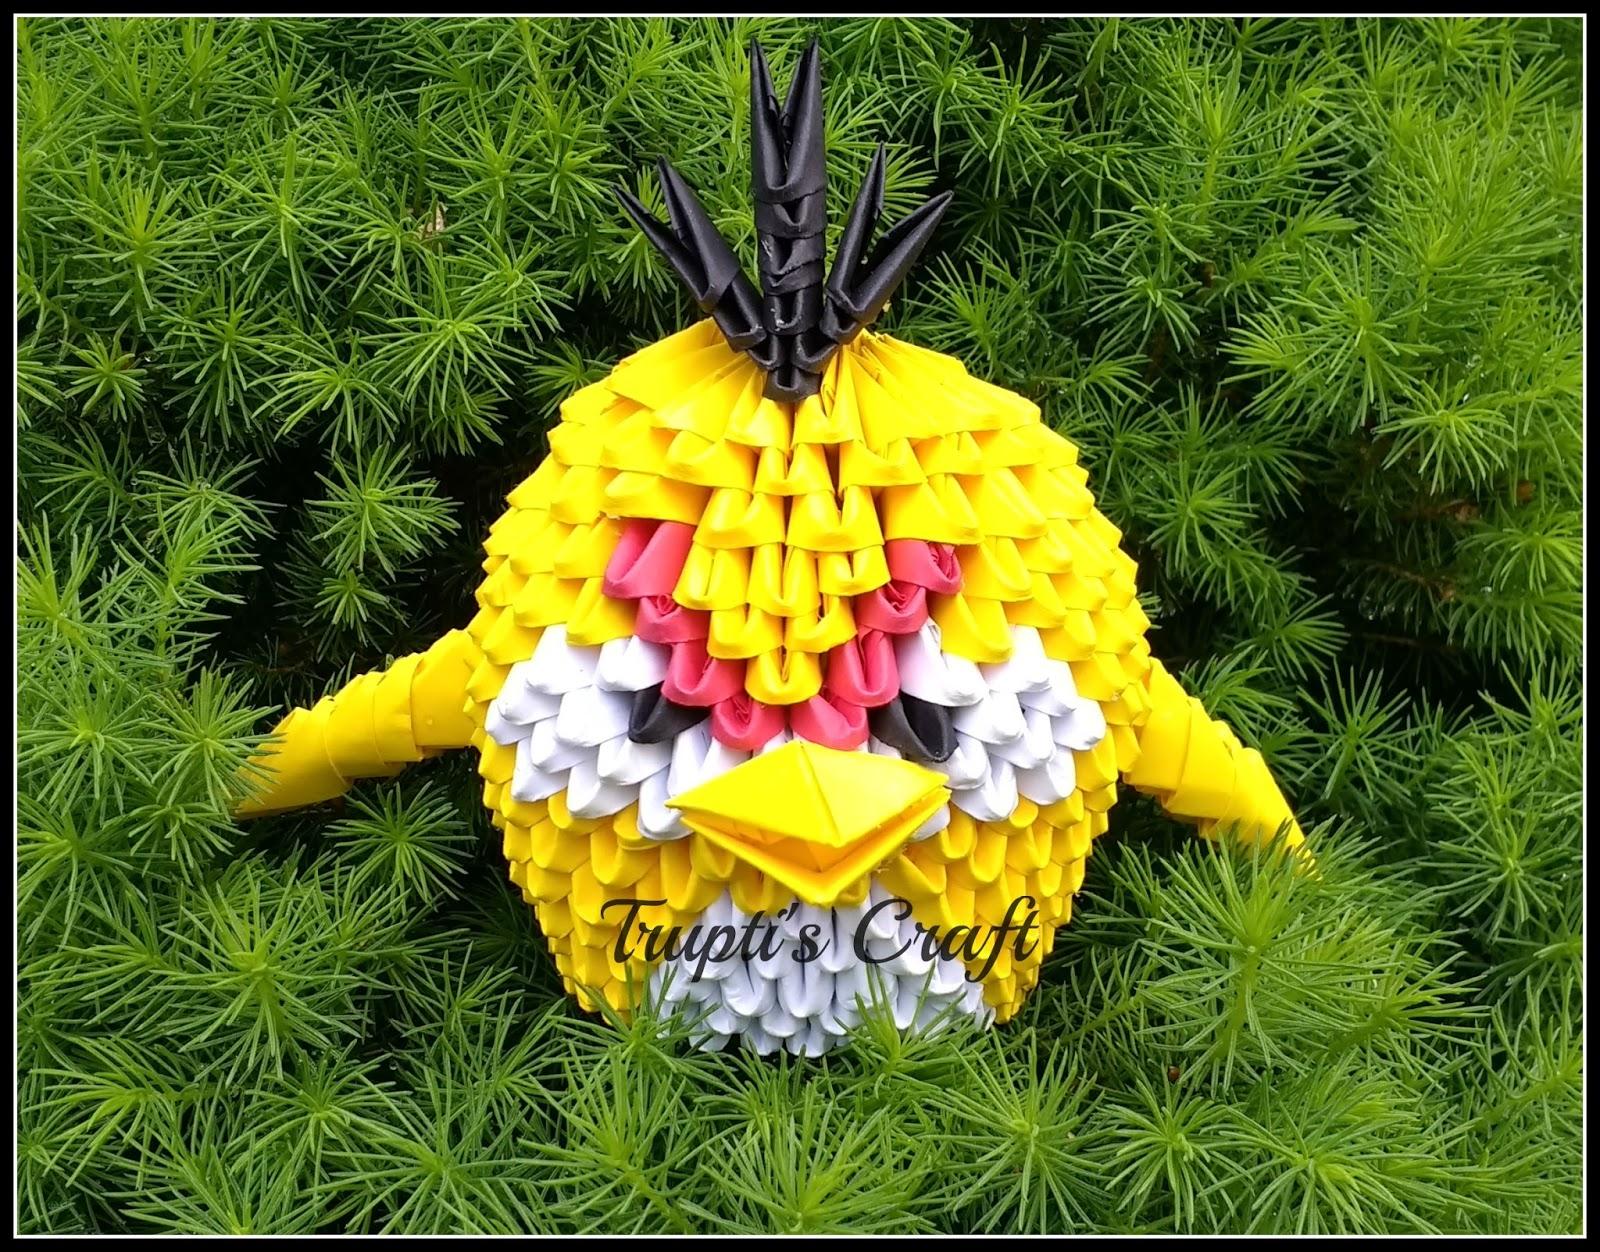 Truptis craft 3d origami yellow angry bird 3d origami yellow angry bird jeuxipadfo Images